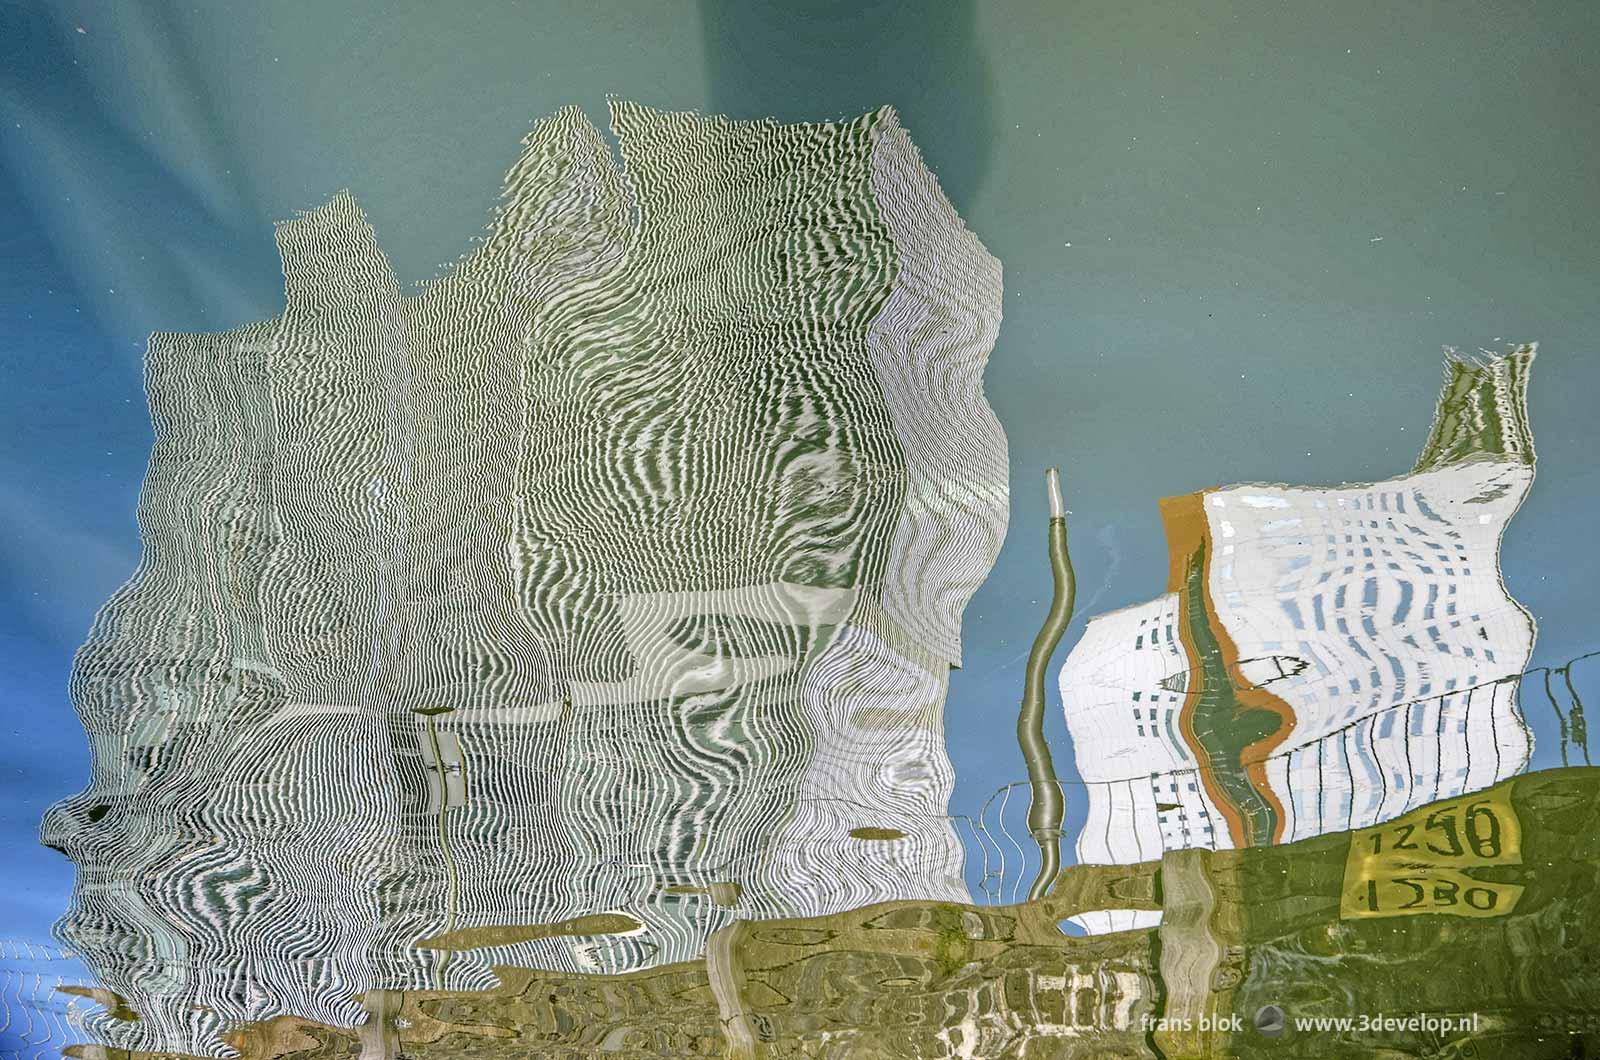 Reflectie van De Rotterdam en het KPN-gebouw op de Kop van Zuid in het water van de Rijnhaven in Rotterdam